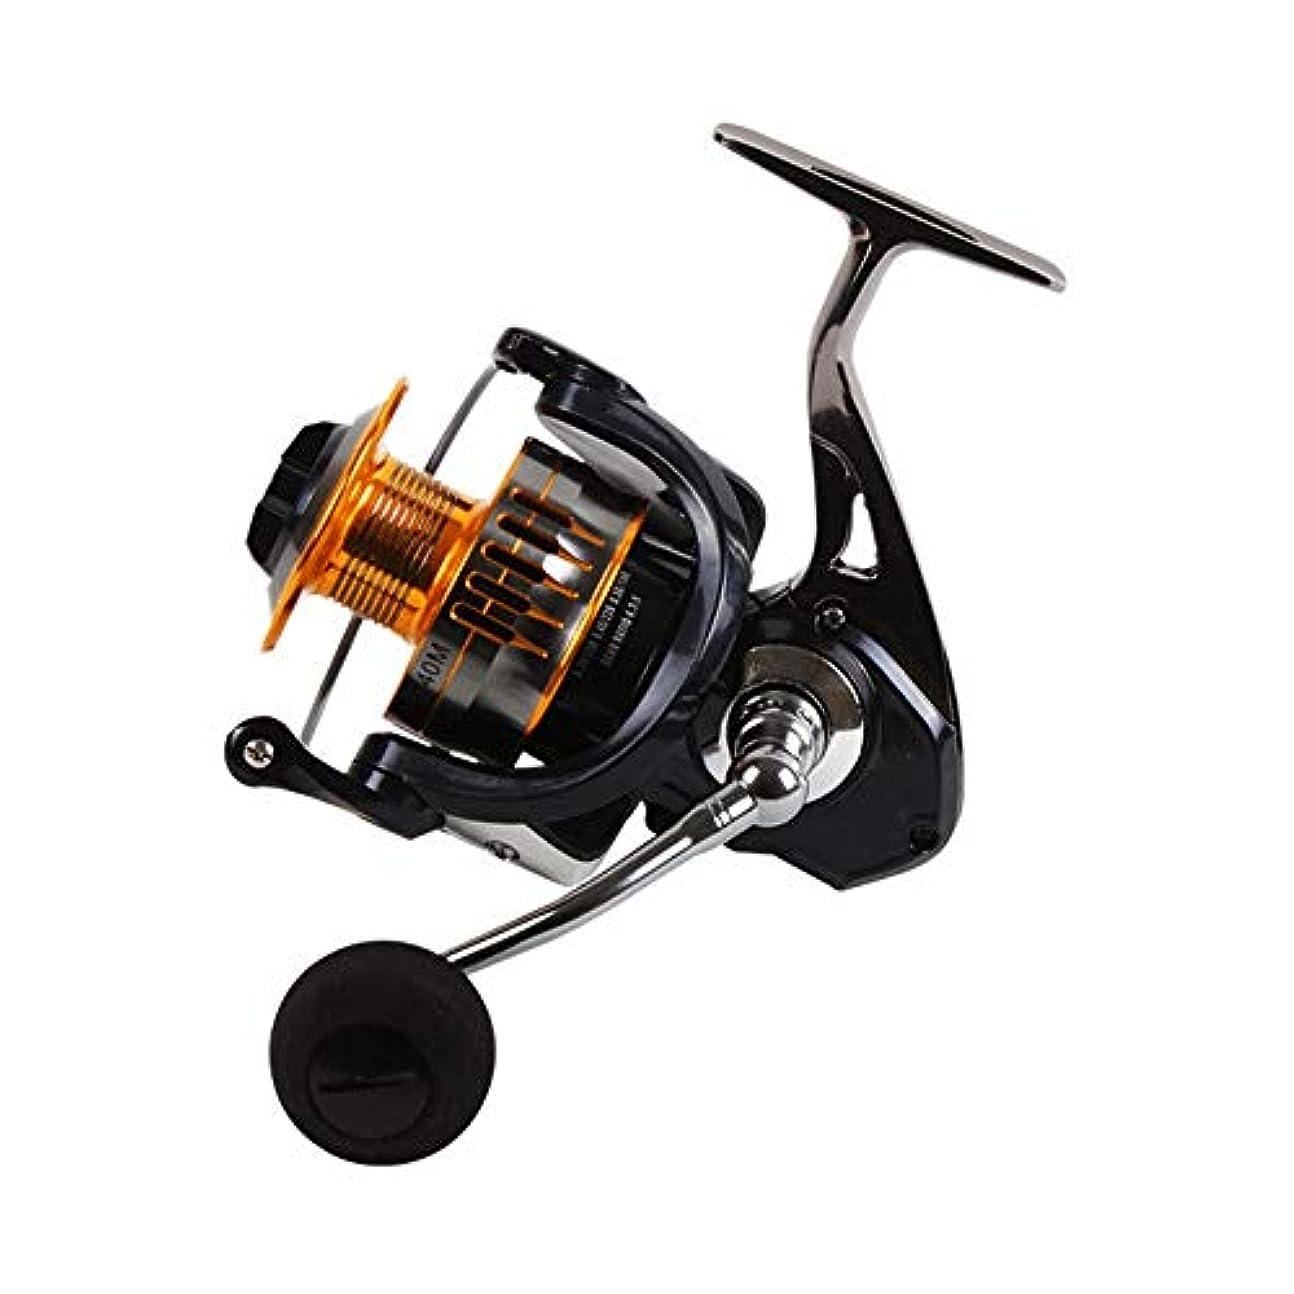 パラダイス理論金曜日リール リール軽量は淡水と海水の釣りのために左/右交換高速スピニングリールを滑らかスピニング スピニングリール (色 : Black, Size : 7000)